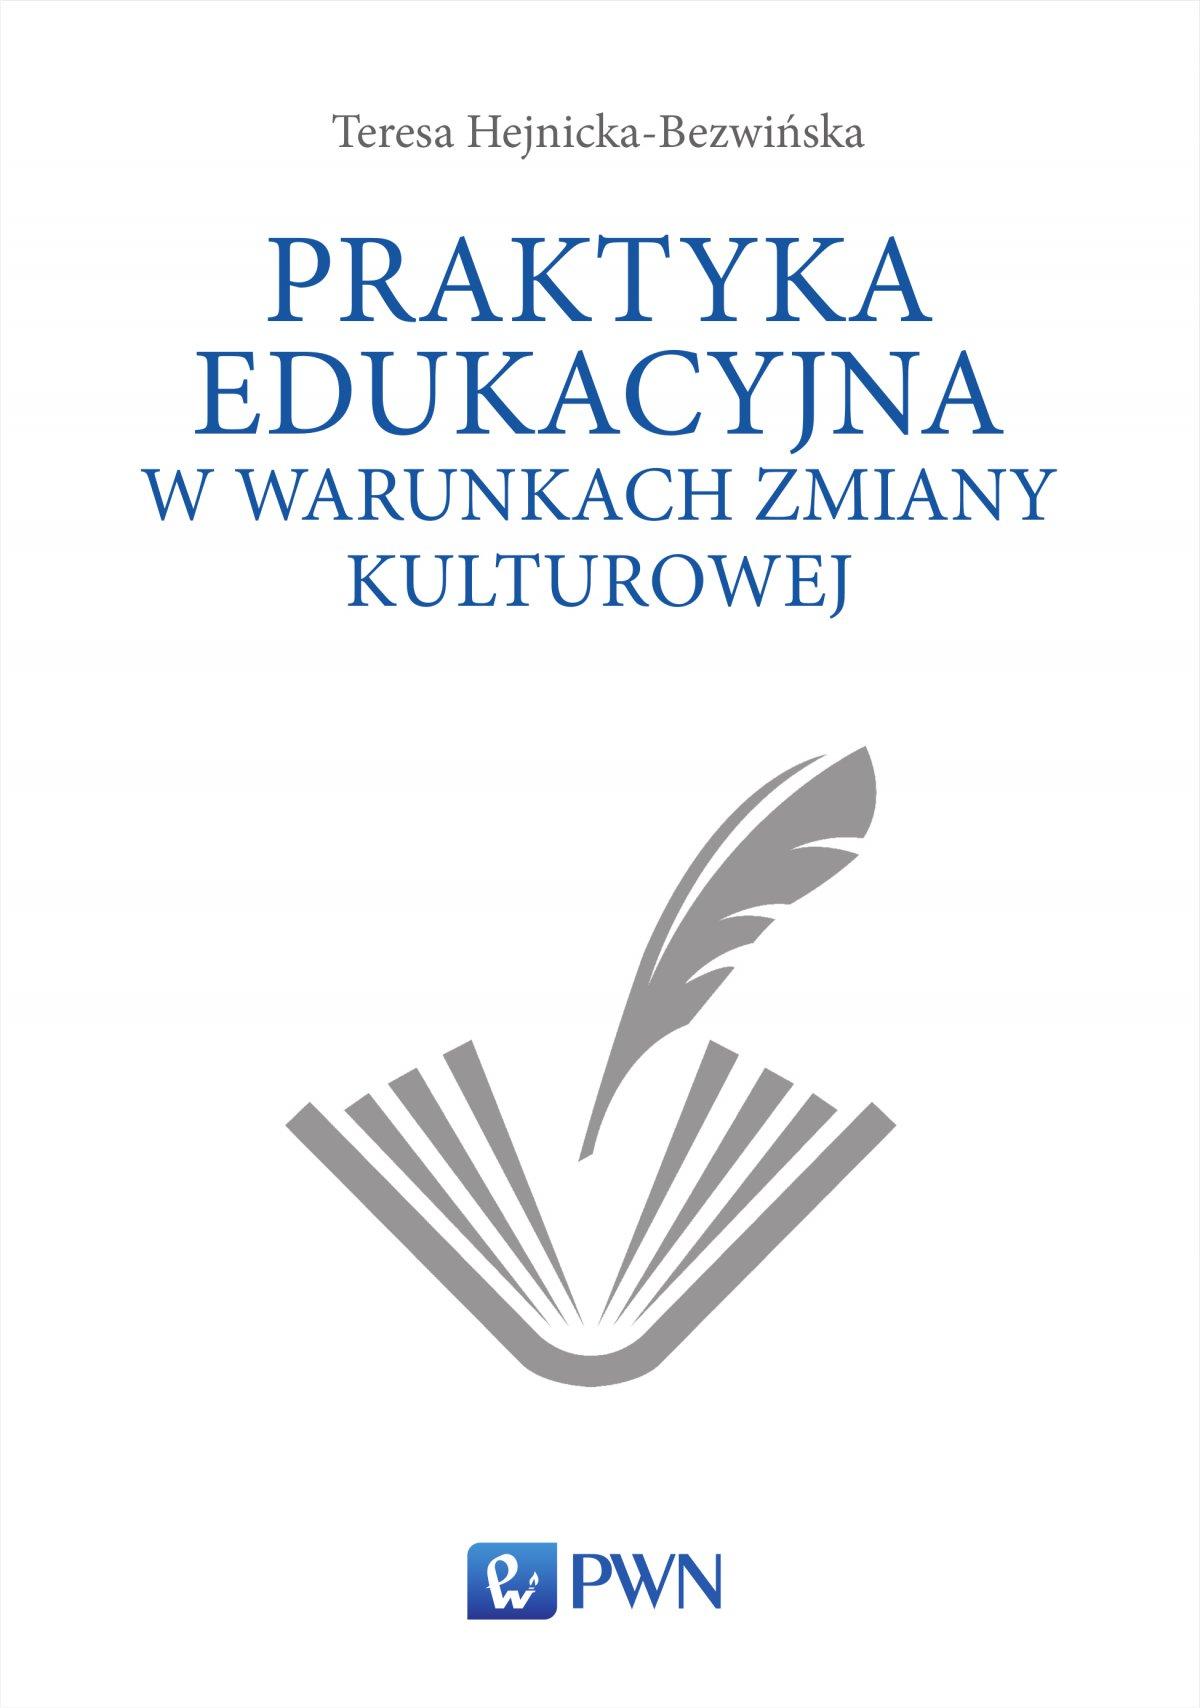 Praktyka edukacyjna w warunkach zmiany kulturowej - Ebook (Książka EPUB) do pobrania w formacie EPUB